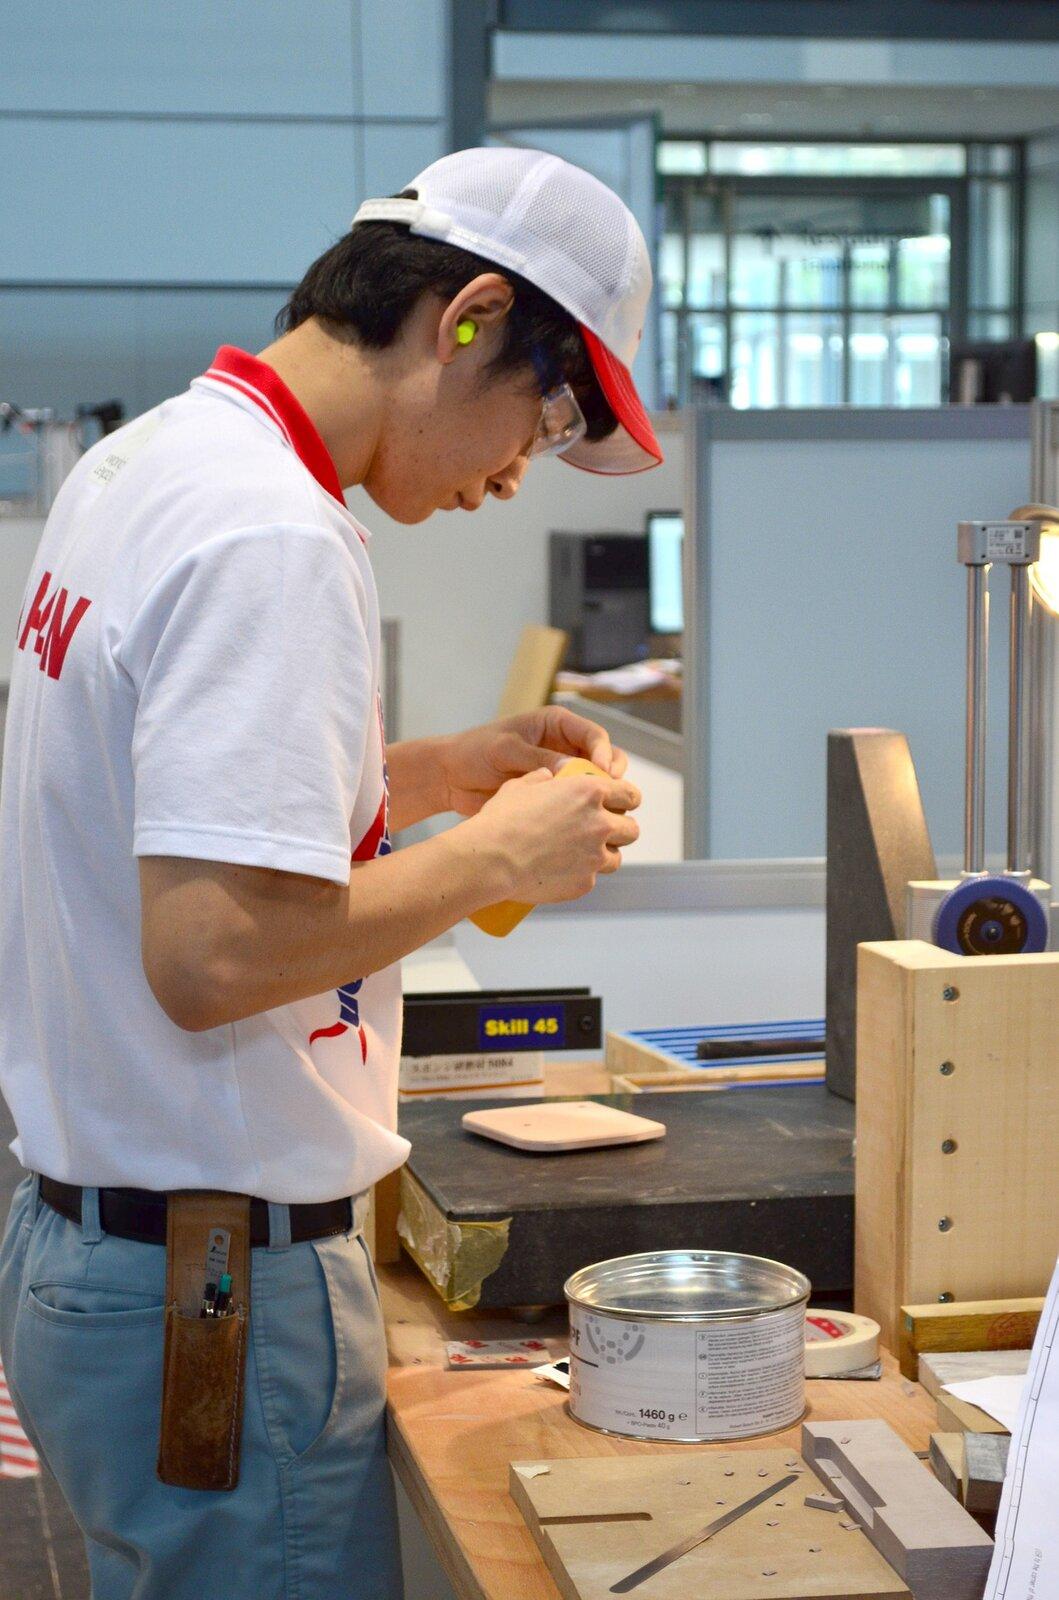 na zdjęciu widać młodego człowieka pracującego wdrewnie